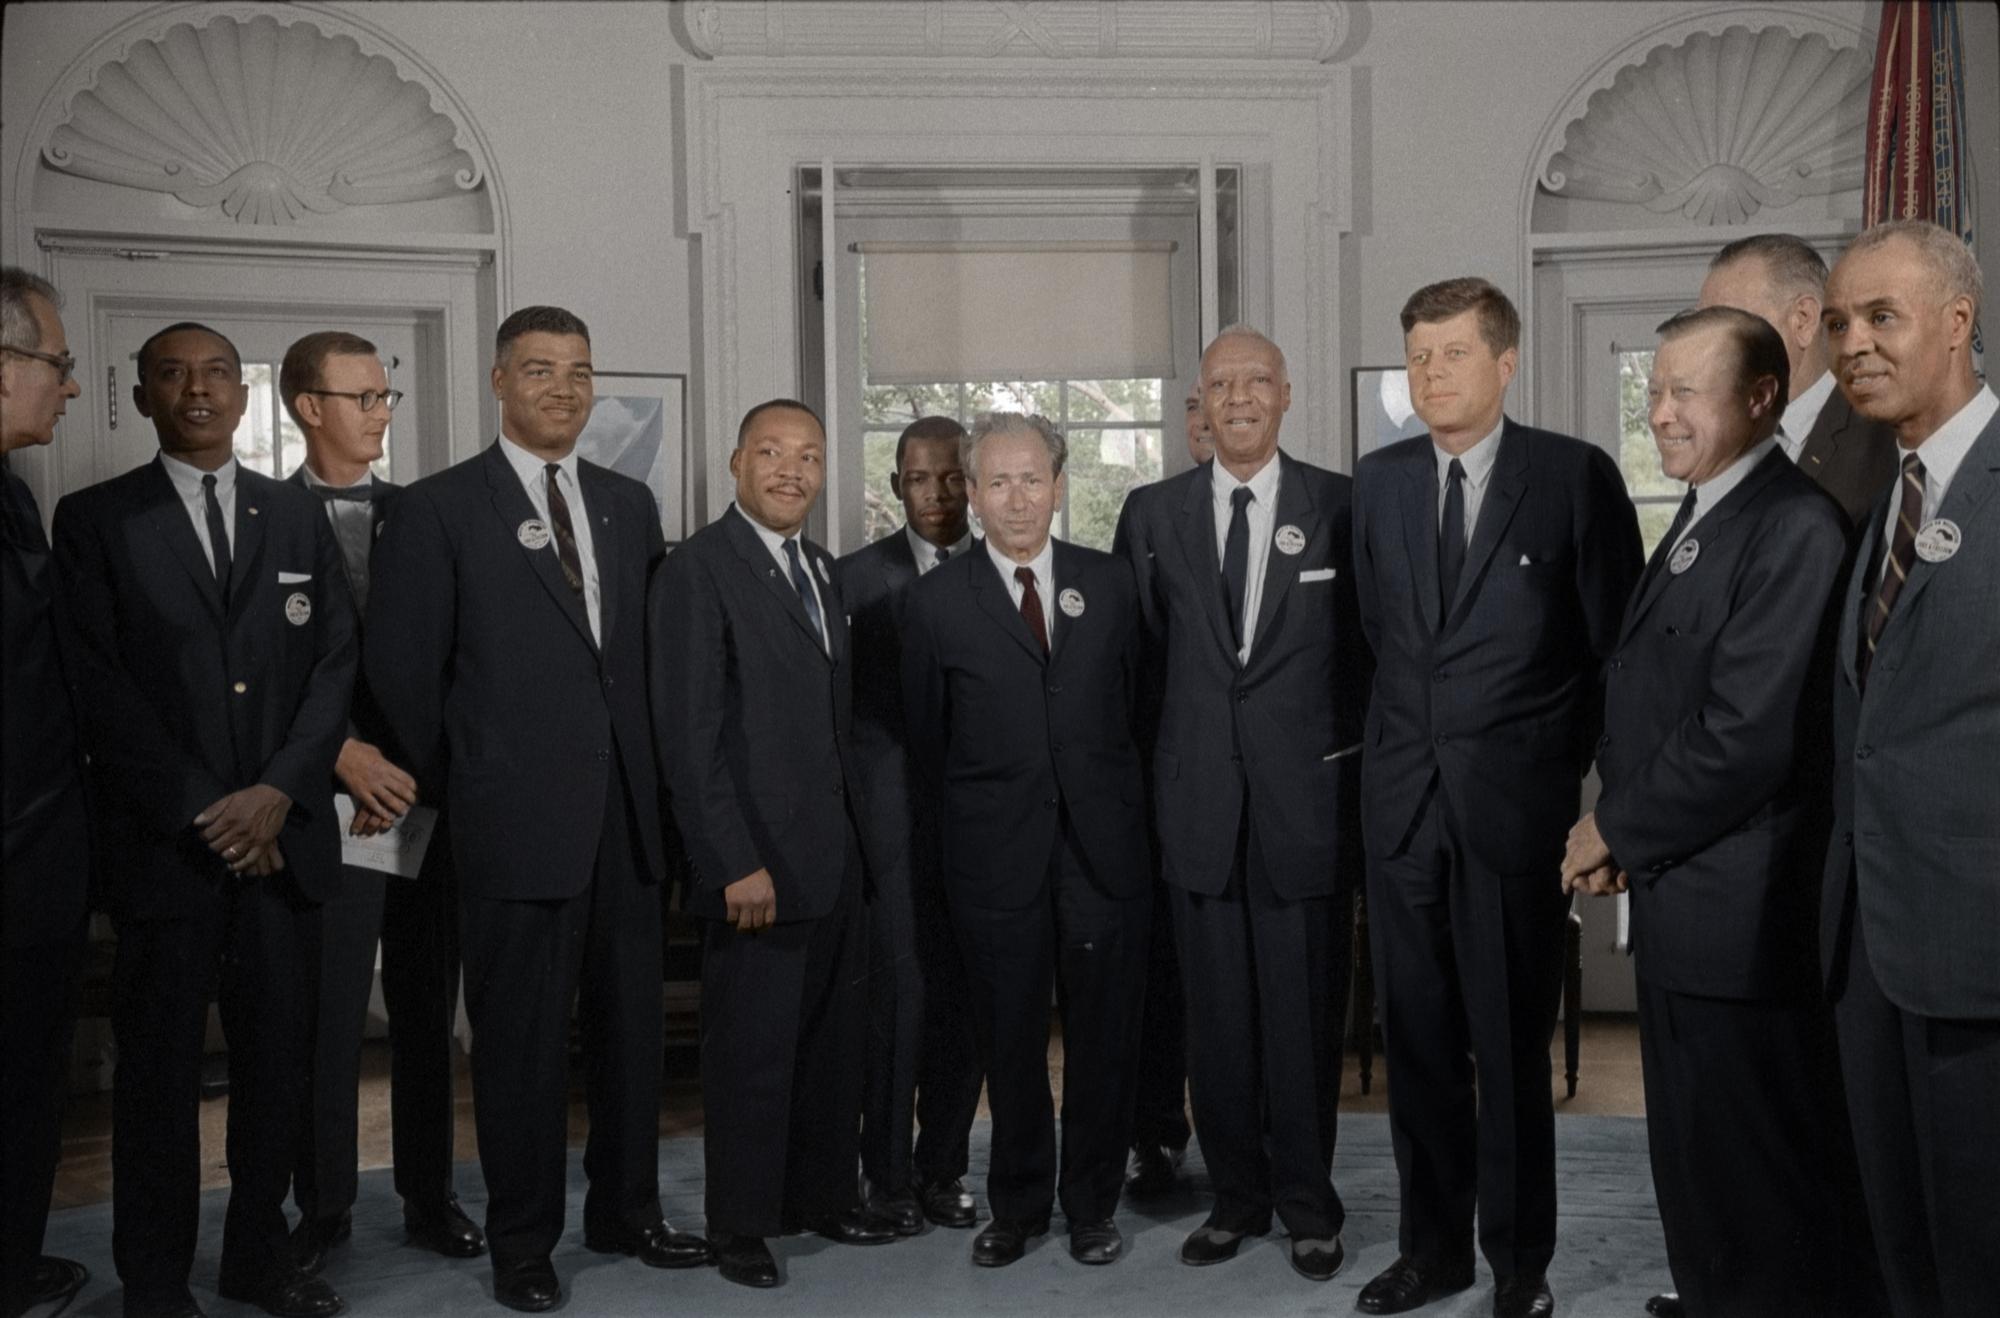 1962. Kennedy elnök találkozik Martin Luther Kinggel és más emberjogi aktivistákkal a Fehér Házban. Egyes elméletek szerint JFK-nek ezek miatt a lépései miatt kellett meghalnia..jpg